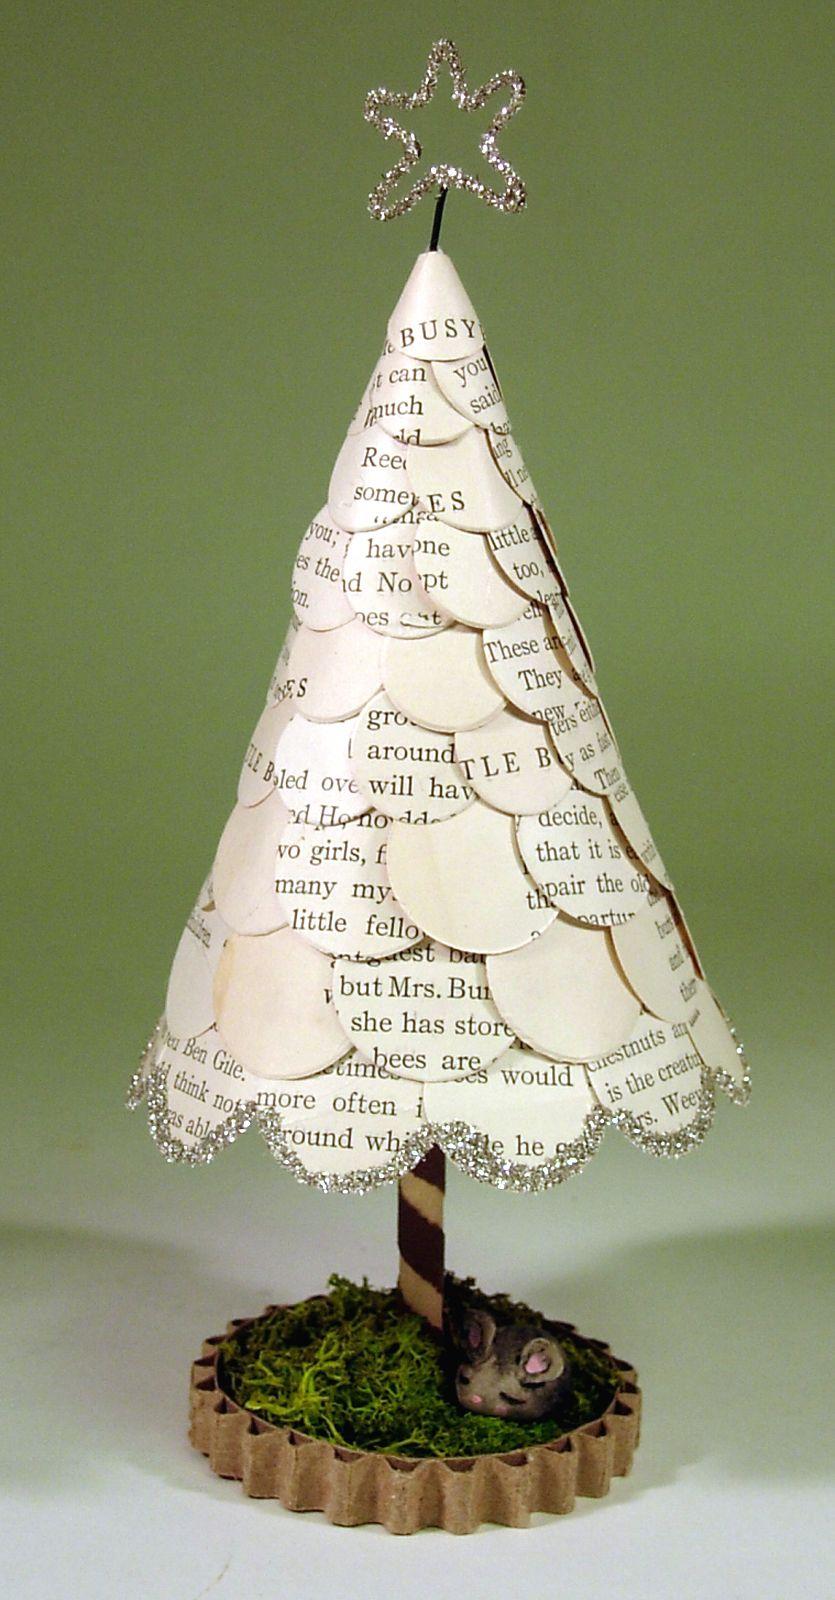 Joulukuusi: pahvikartio, vanhoja kirjoja ja sitten vain leikkaamaan tai miksipä ei repimälläkin tulisi kaunista.